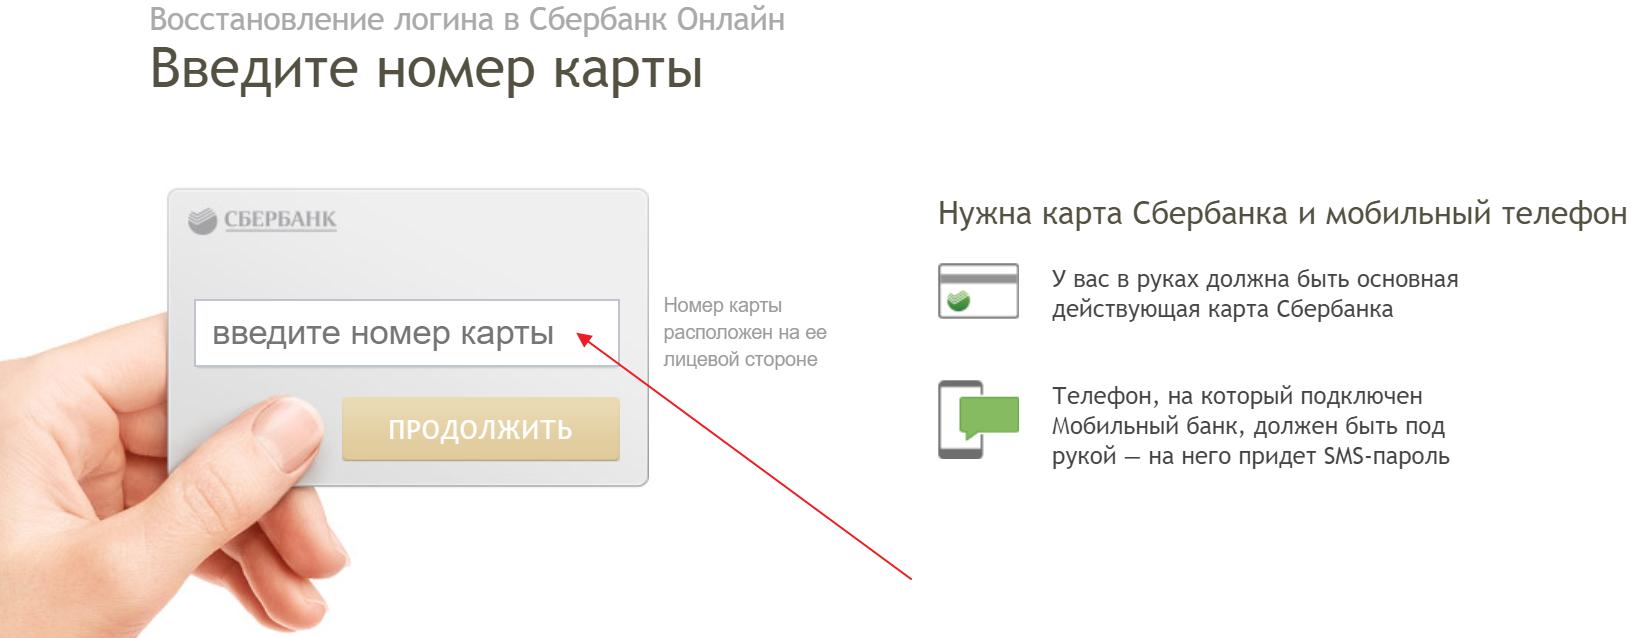 Восстановление пароля от Личного Кабинета Сбербанка5c628d6bde2f4